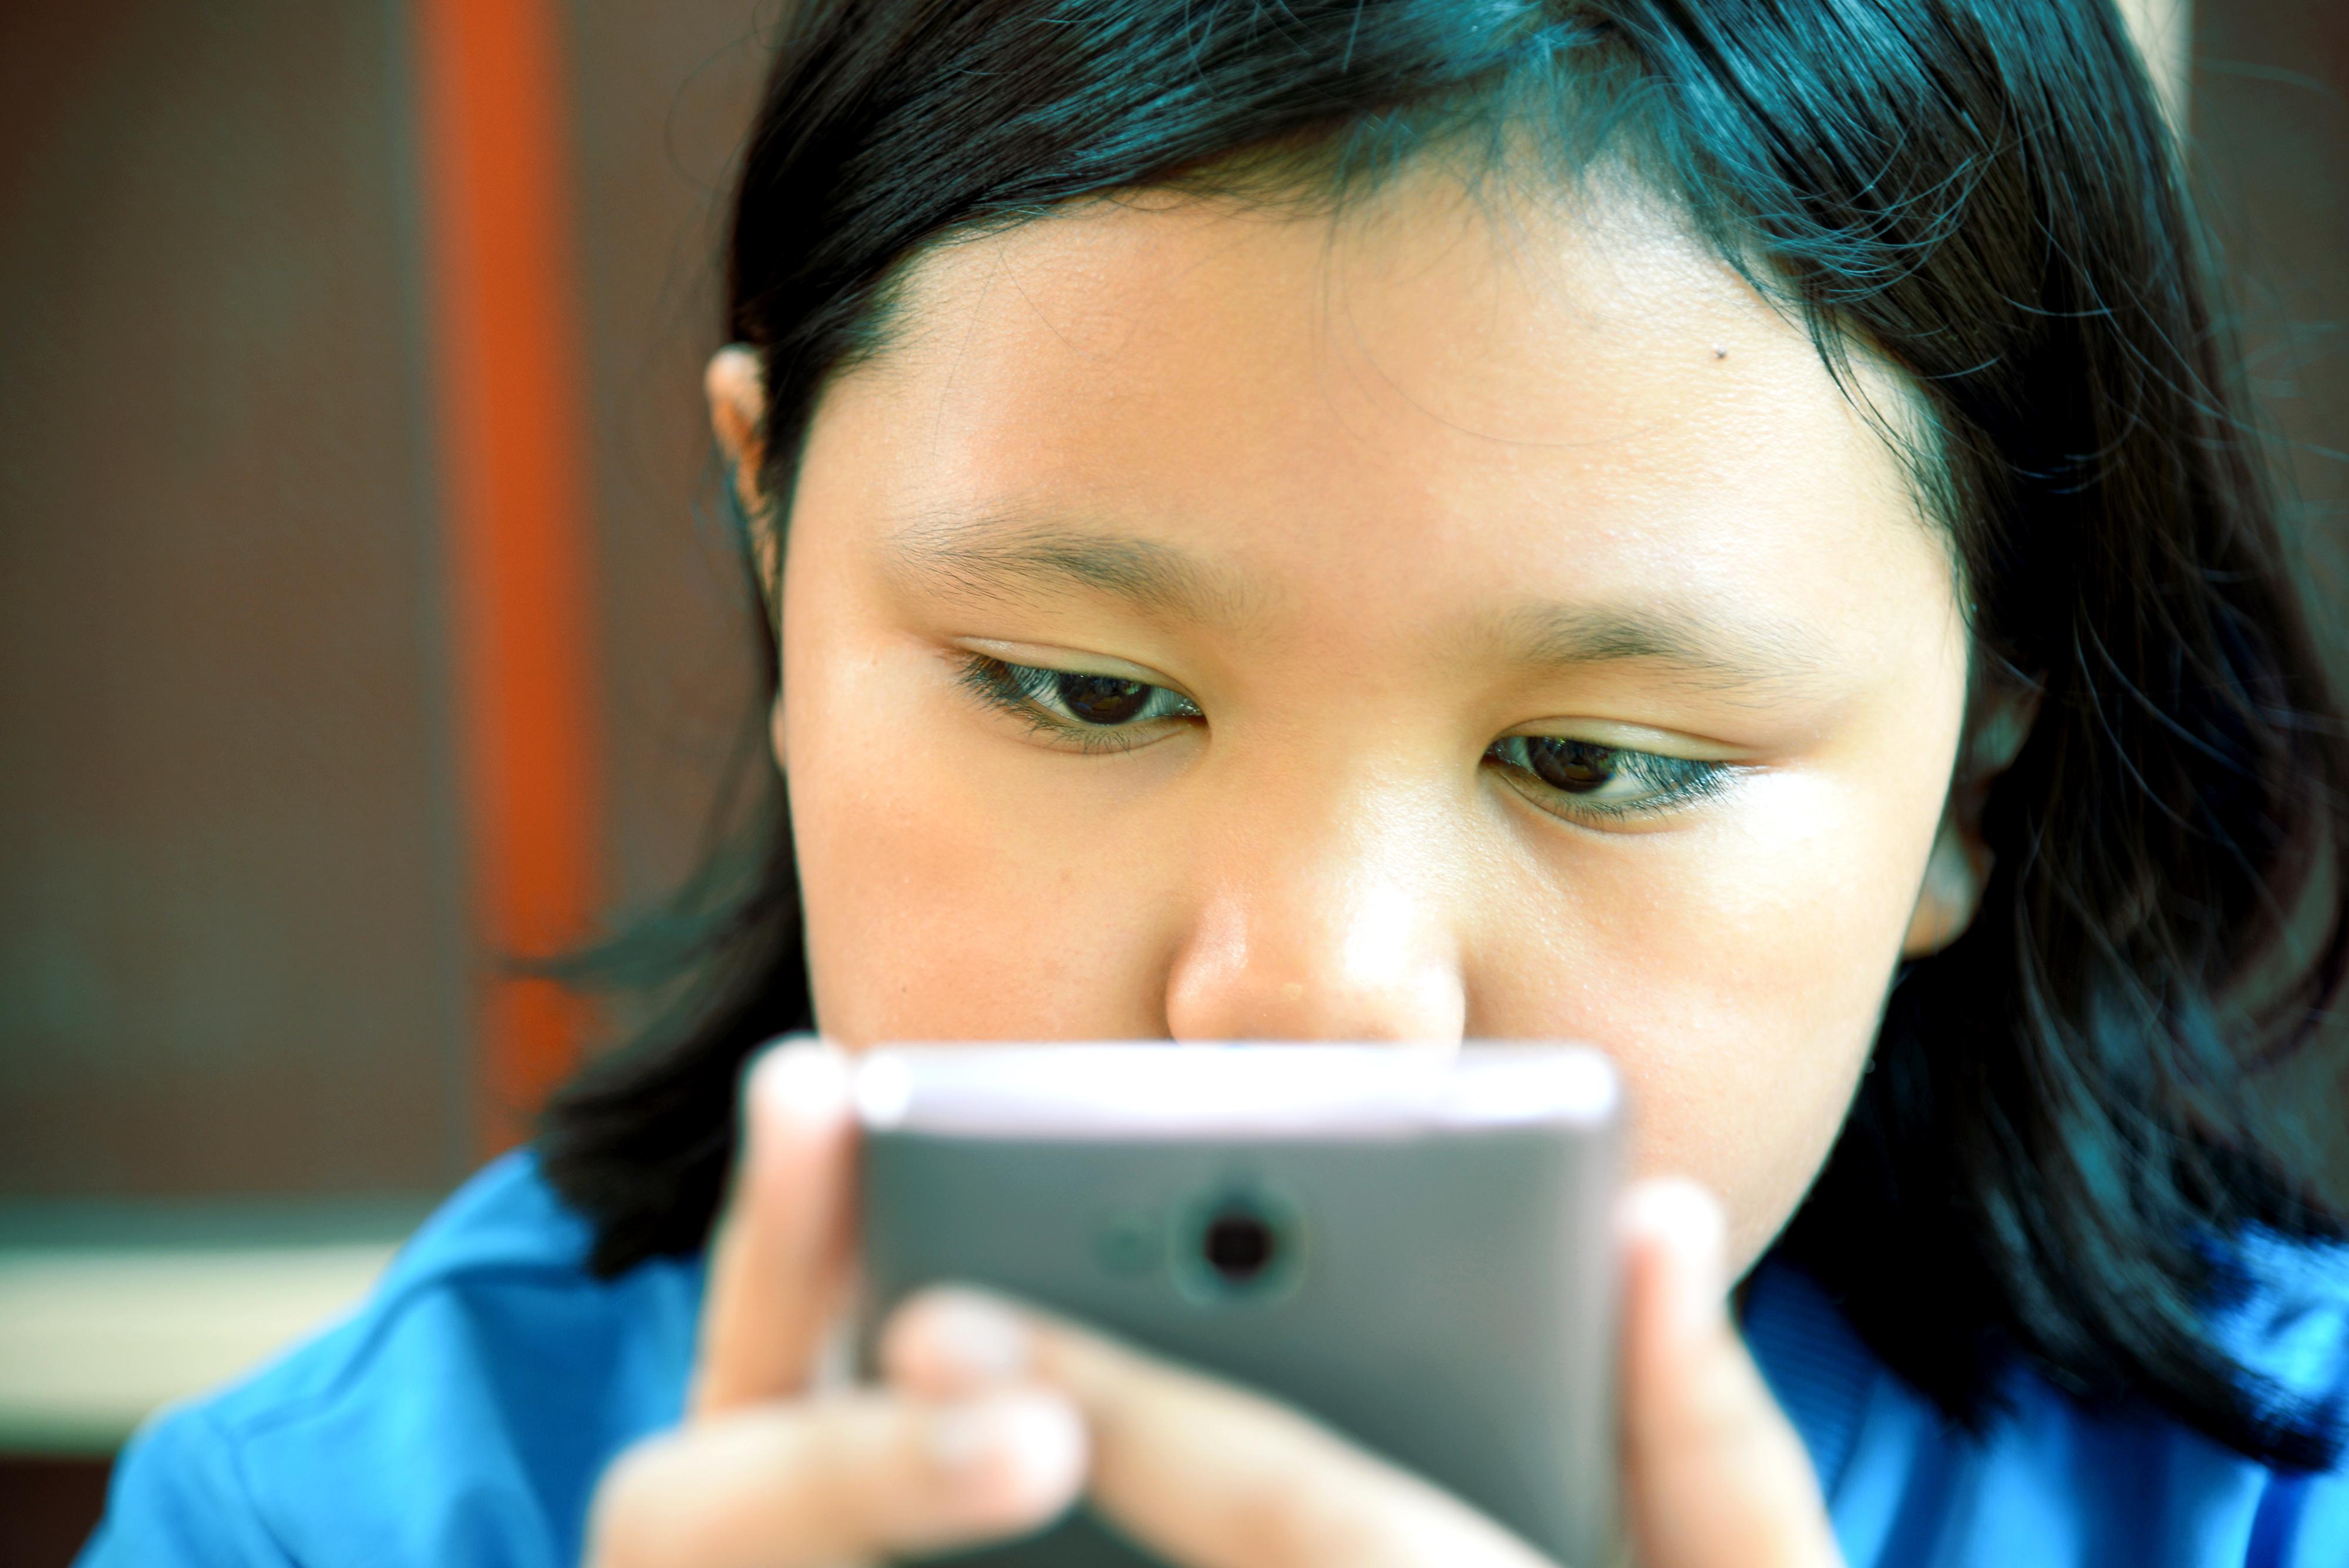 När man håller sin smartphone på 10-15 centimeters avstånd från ögat krampar muskeln i ögat fast och en falsk närsynthet uppstår.